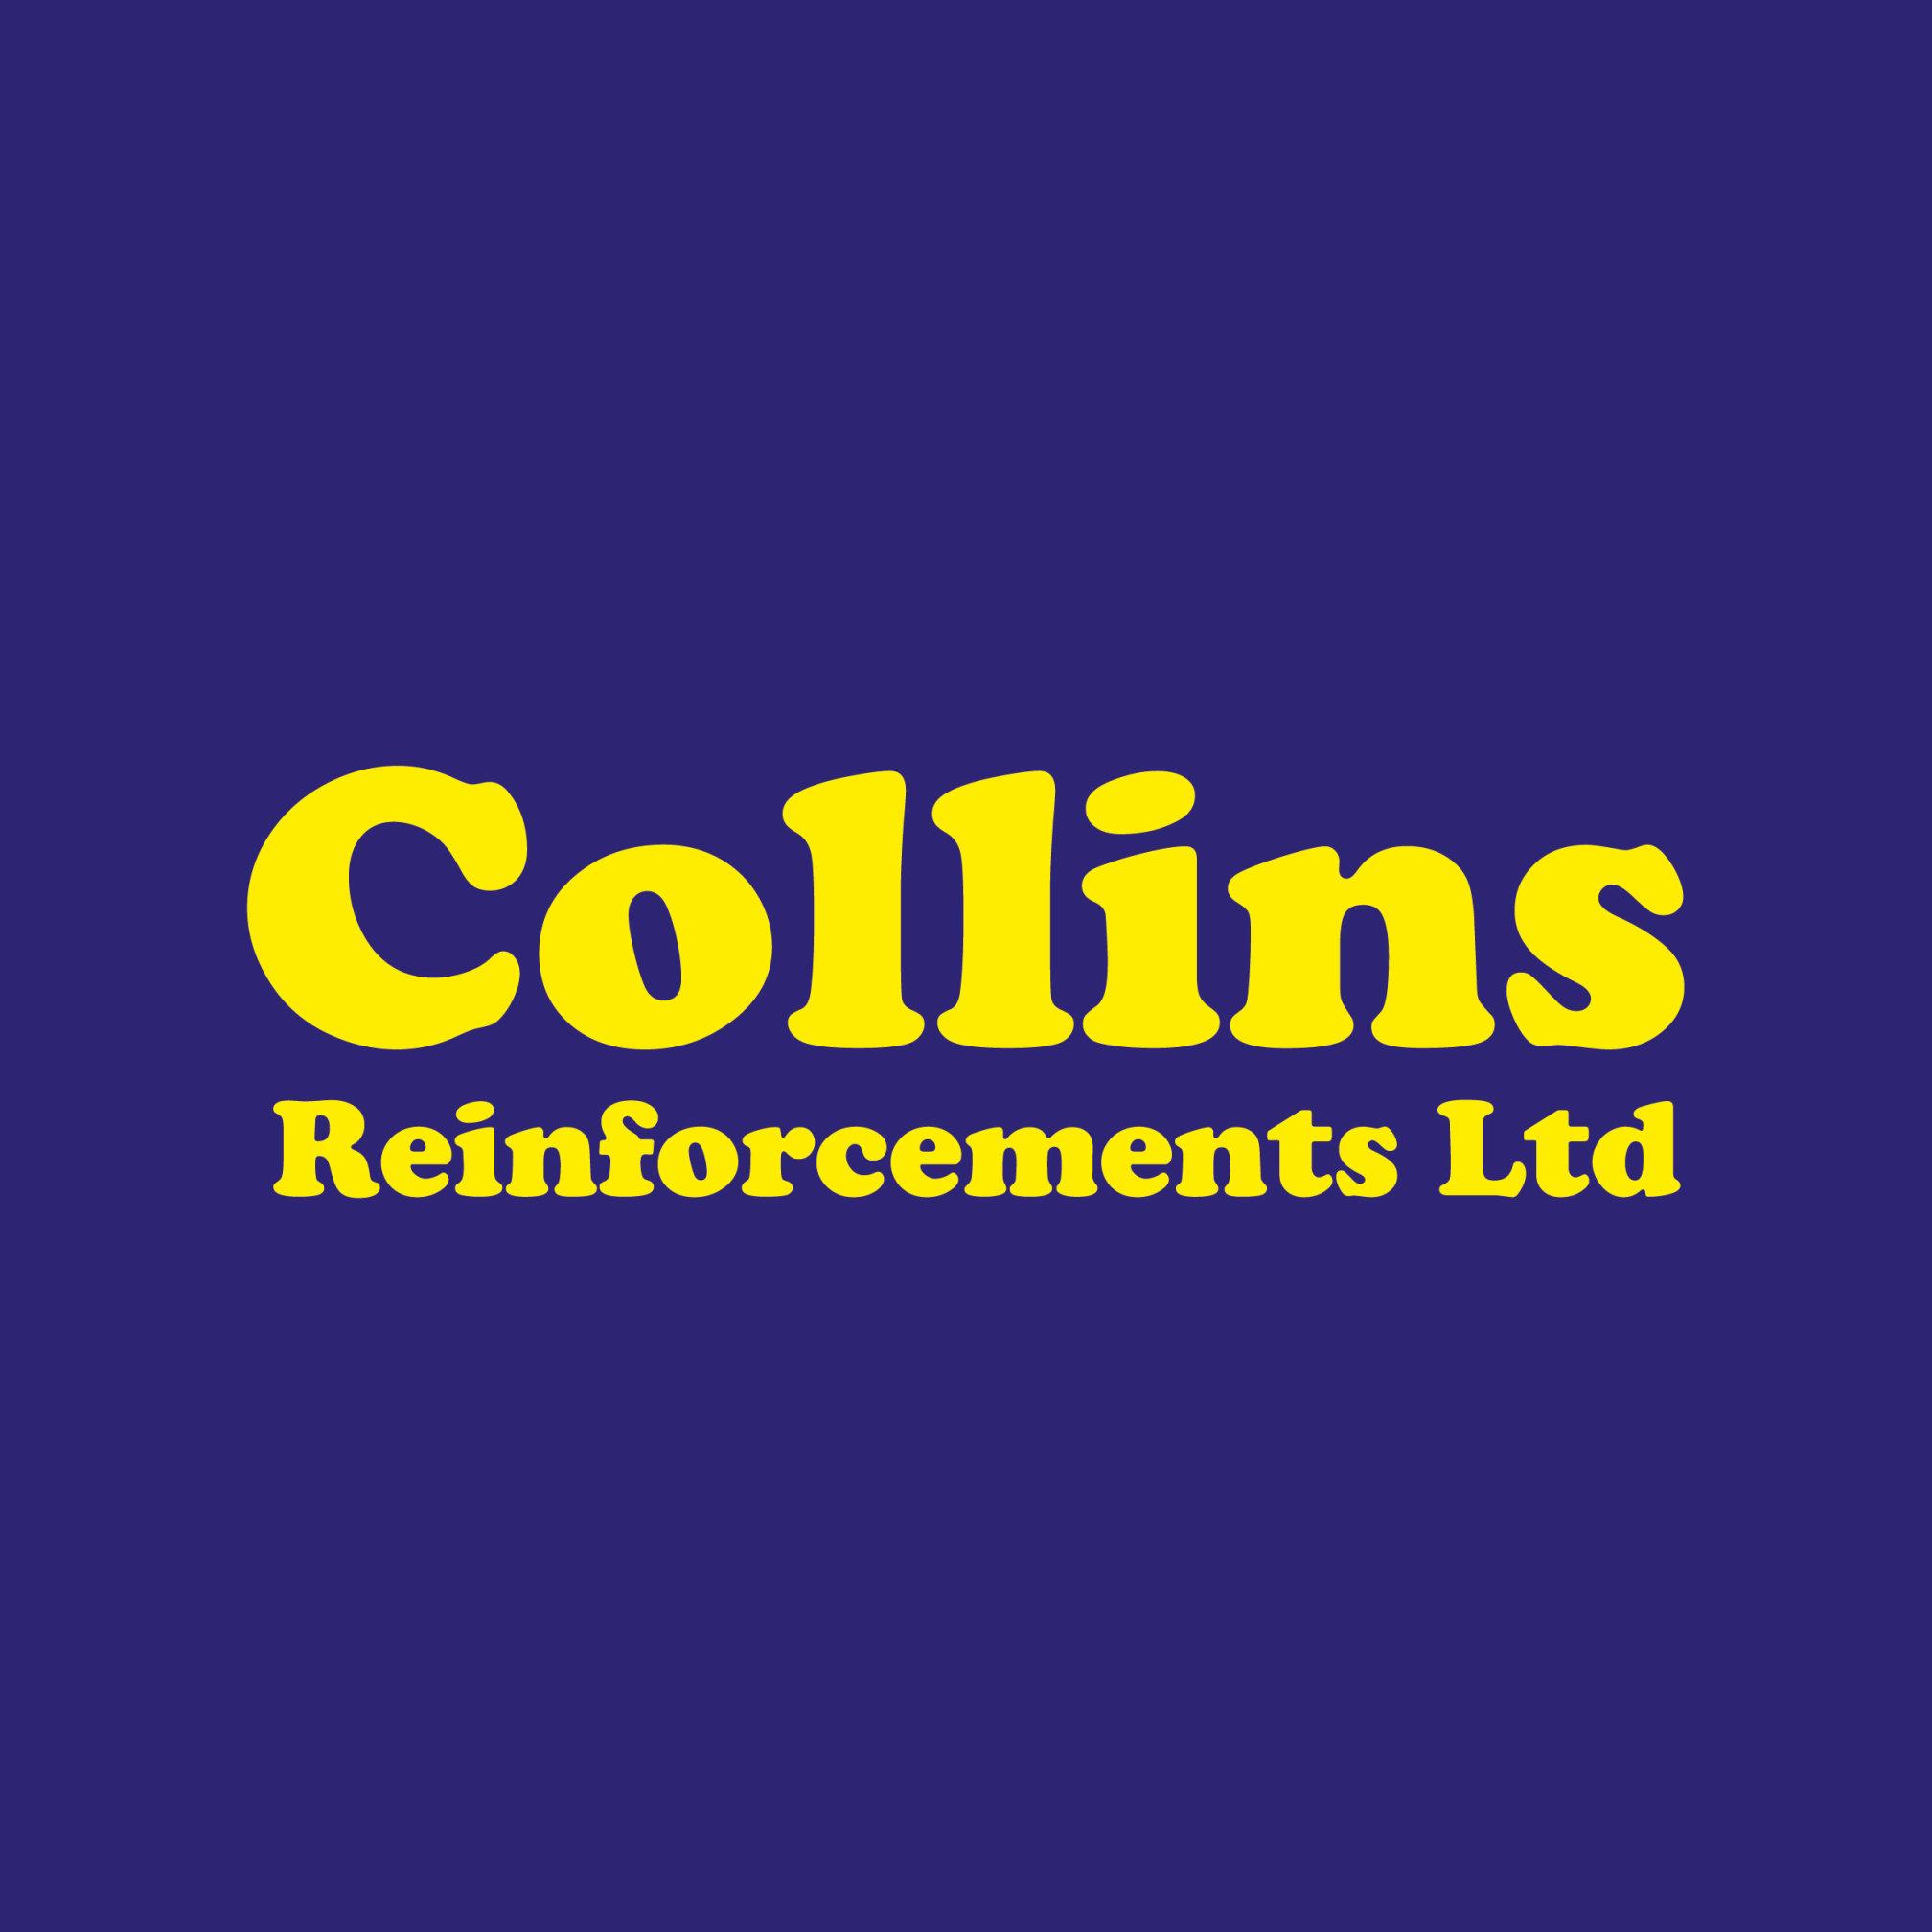 Collins Reinforcements Ltd - Wigan, Lancashire WN2 2DY - 01942 322210 | ShowMeLocal.com